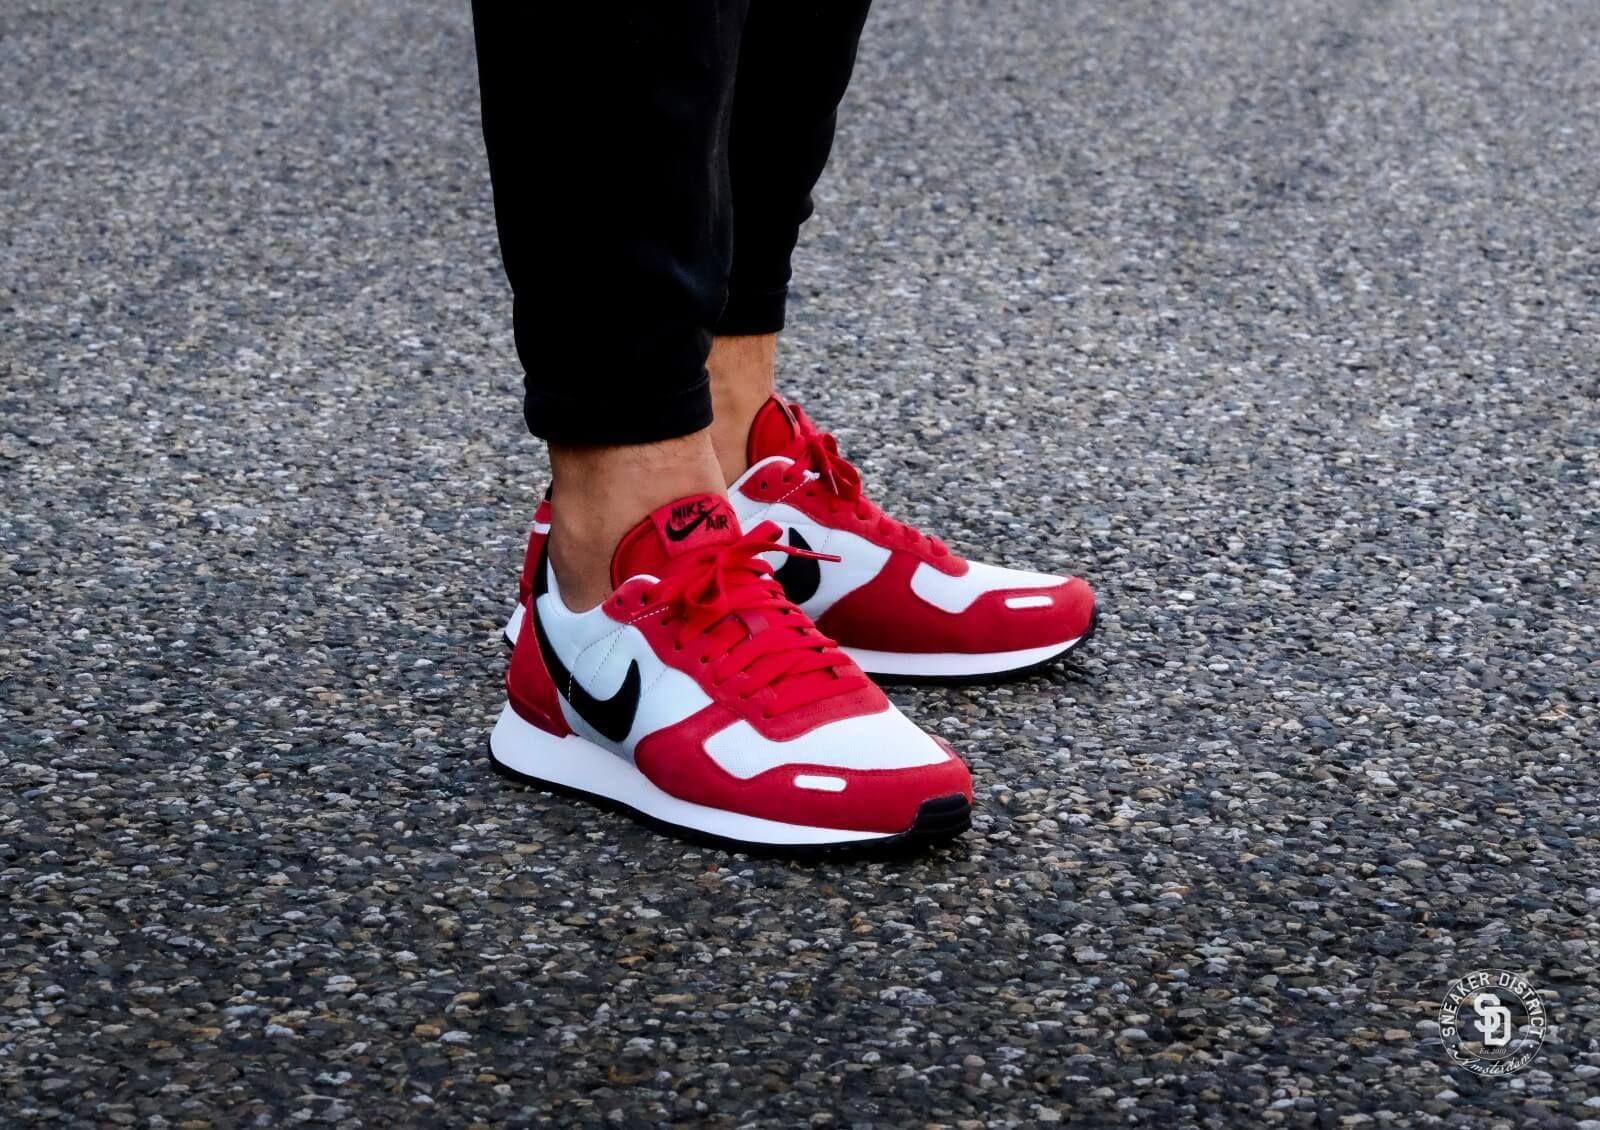 e4f26a1b7fe Nike Air Vortex - Gym Red   Black-Pure Platinum-White - 903896-600 ...